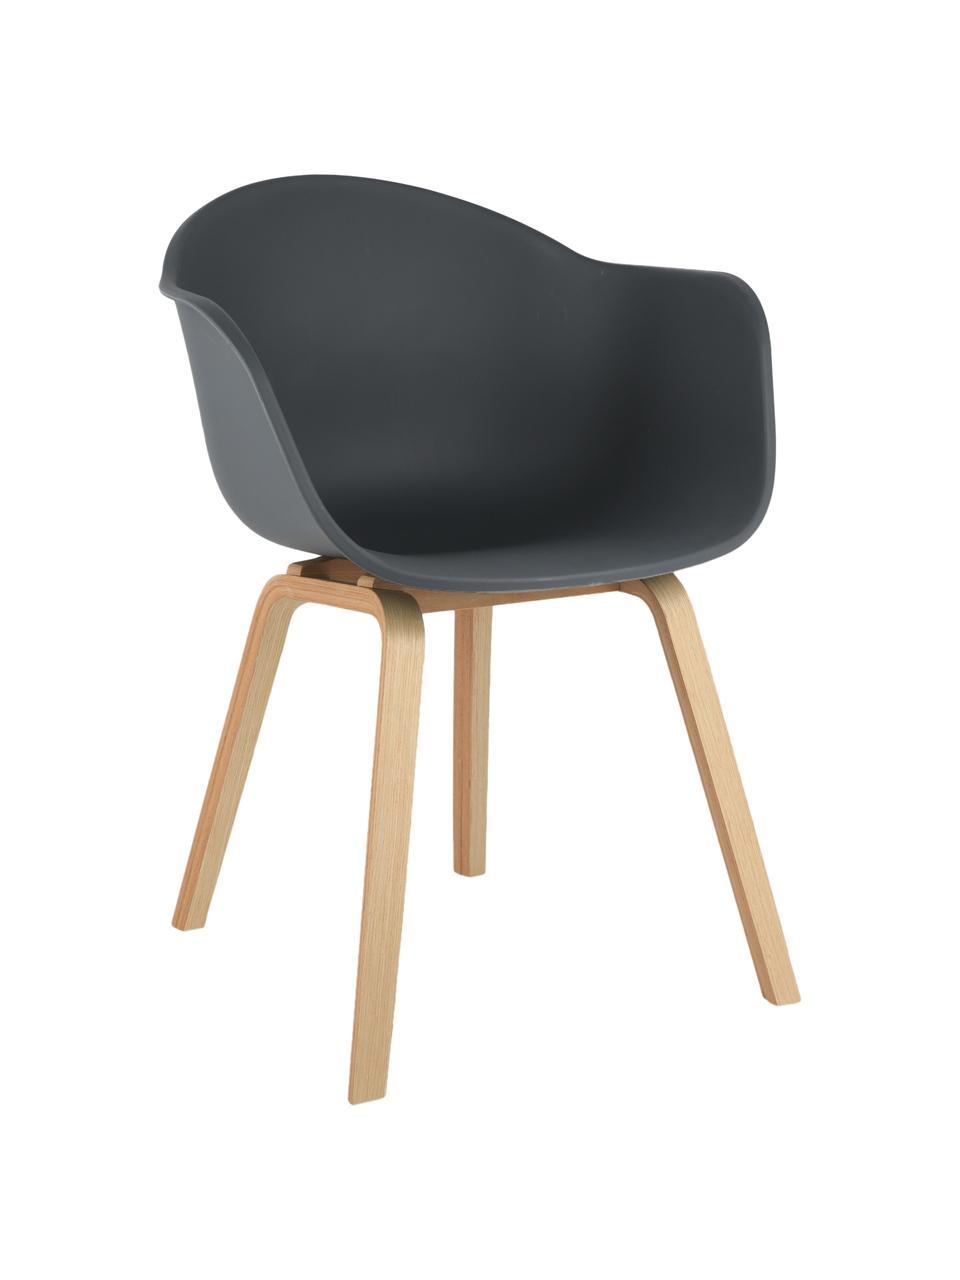 Kunststoff-Armlehnstuhl Claire mit Holzbeinen, Sitzschale: Kunststoff, Beine: Buchenholz, Grau, B 60 x T 54 cm